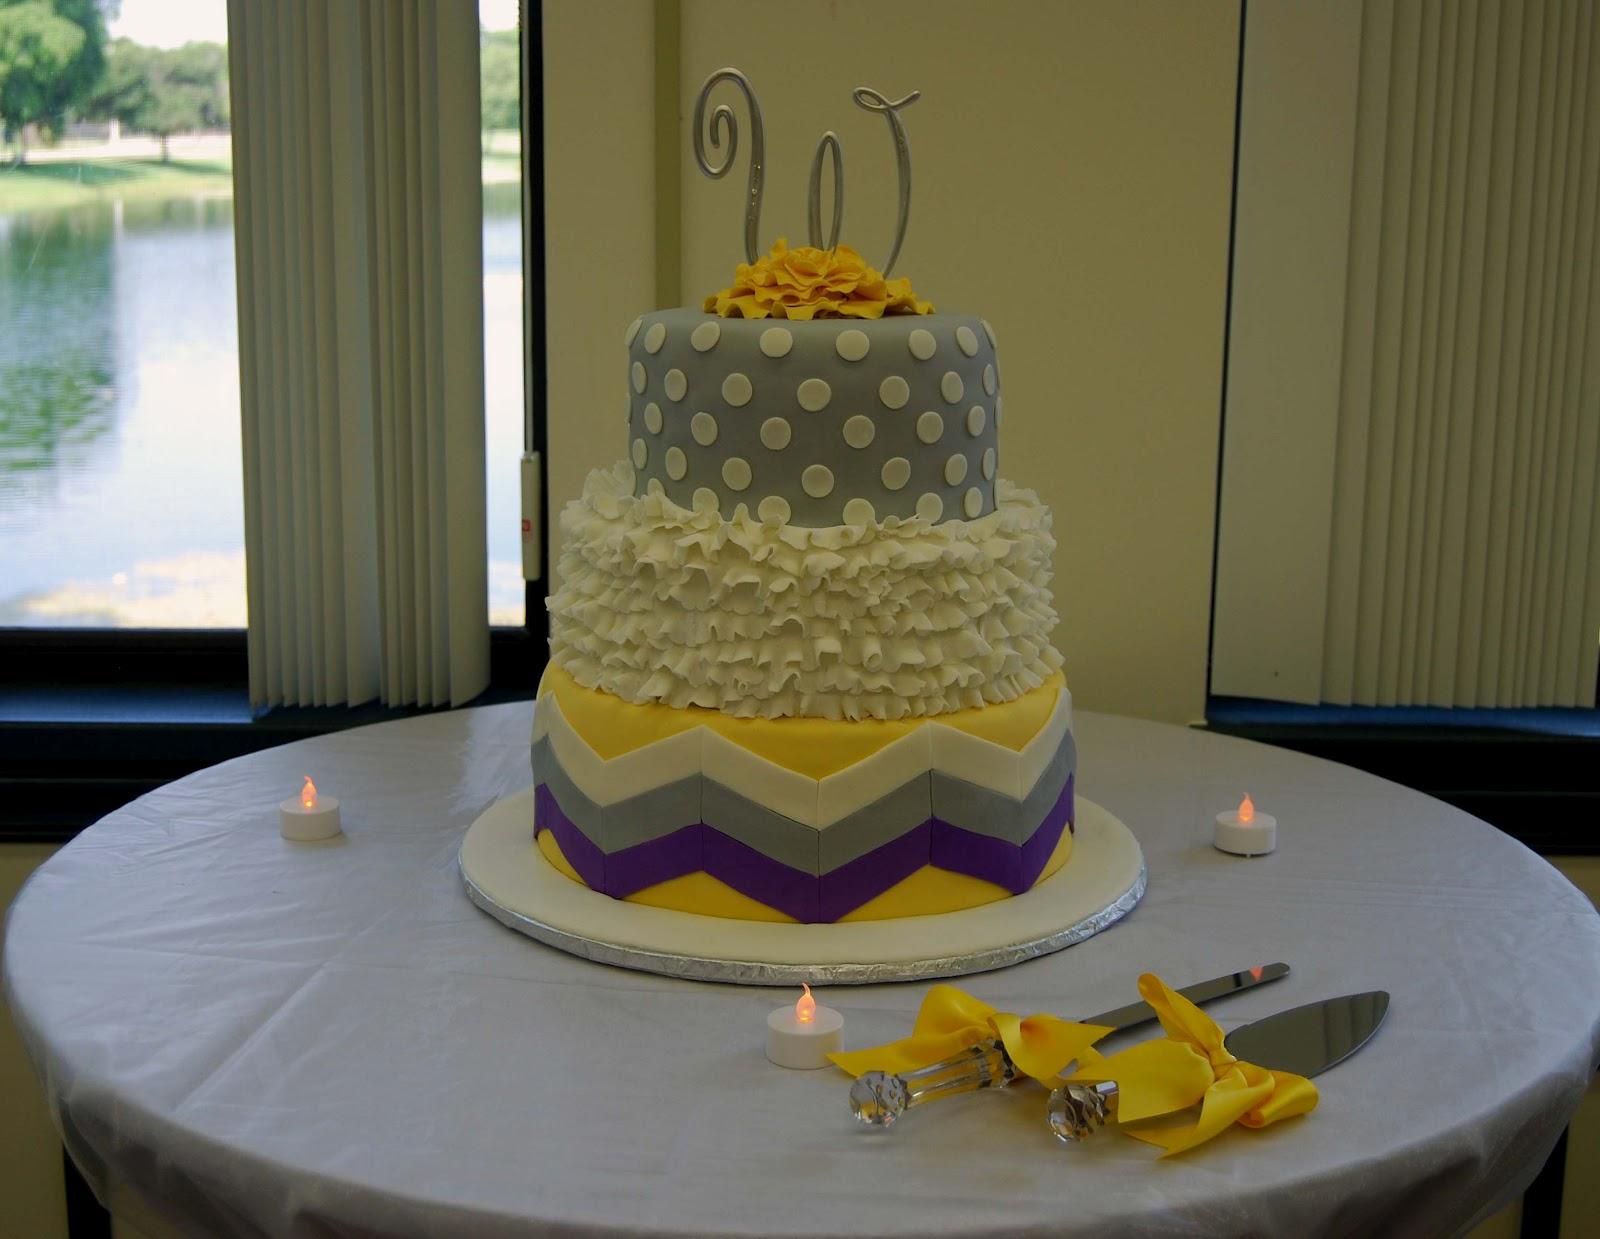 Leelees Cake-abilities: Grey and Yellow Wedding Cake